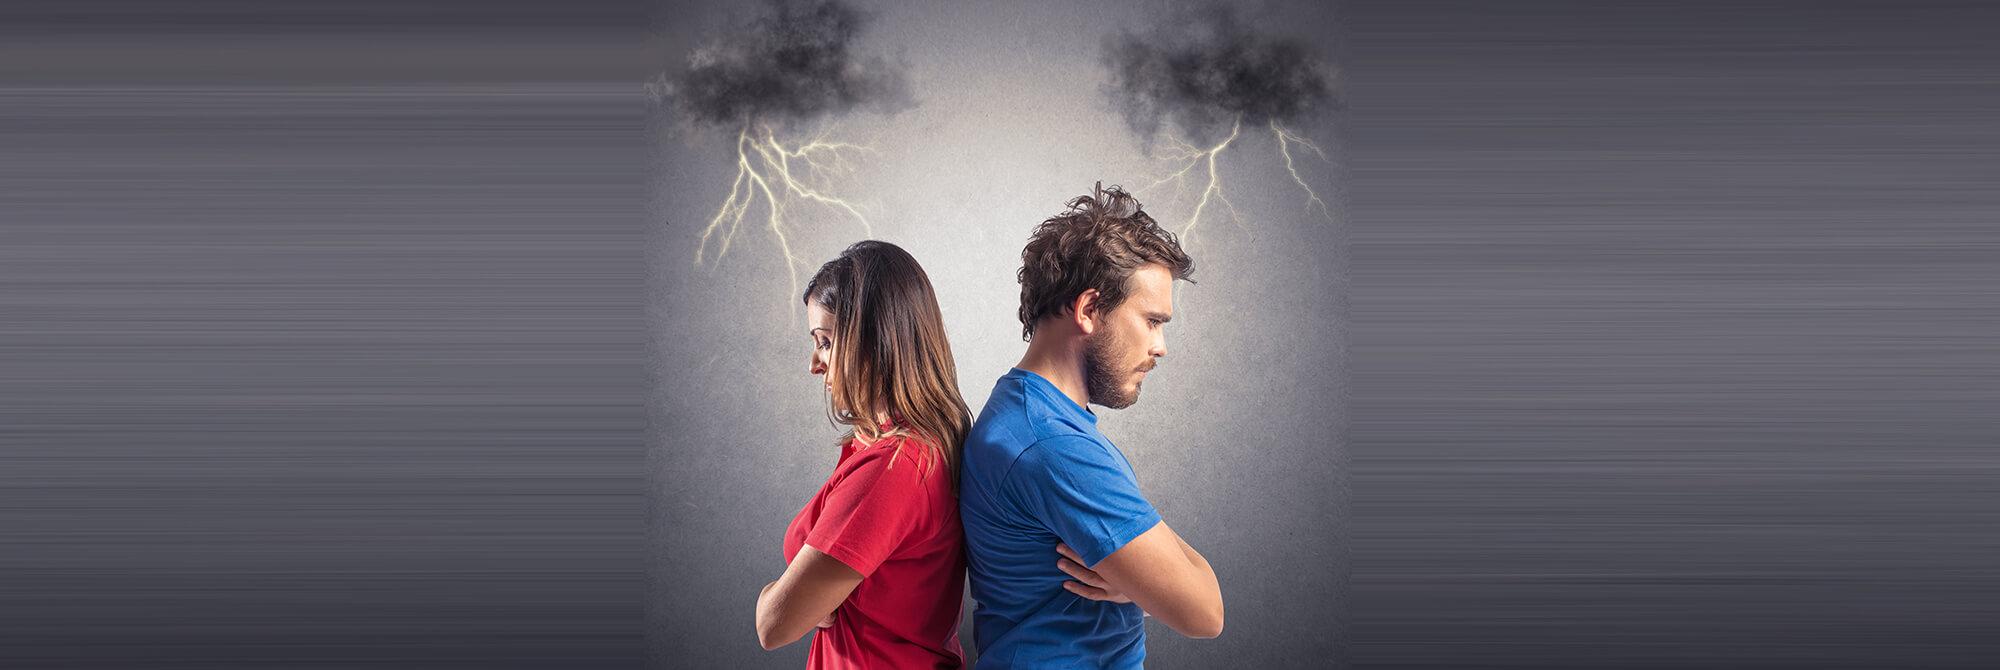 Paarberatung Paartherapie